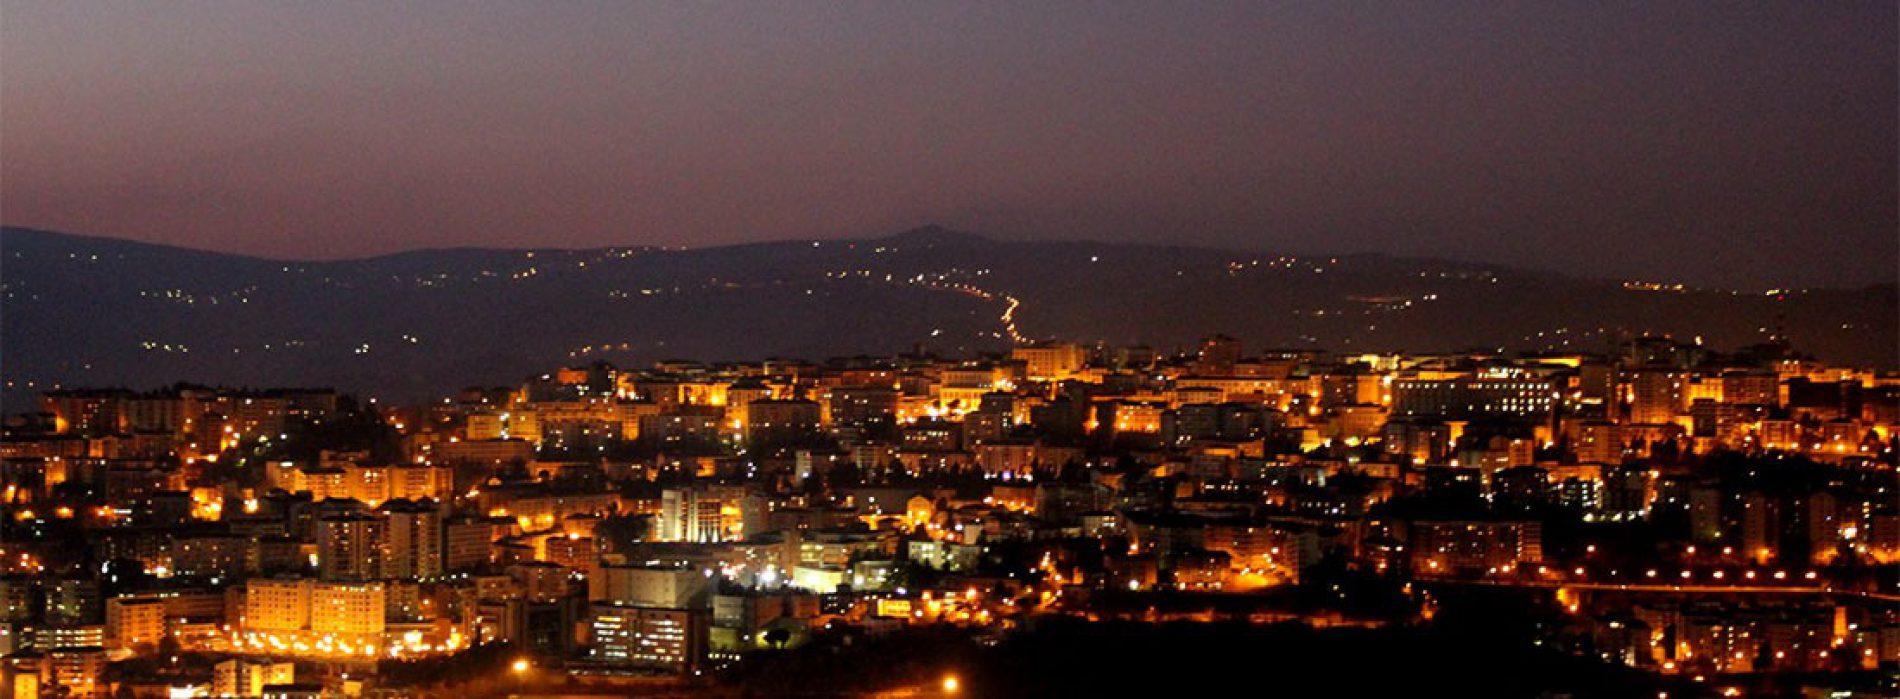 Accordo fra Demanio e città di Potenza per riqualificazione urbana